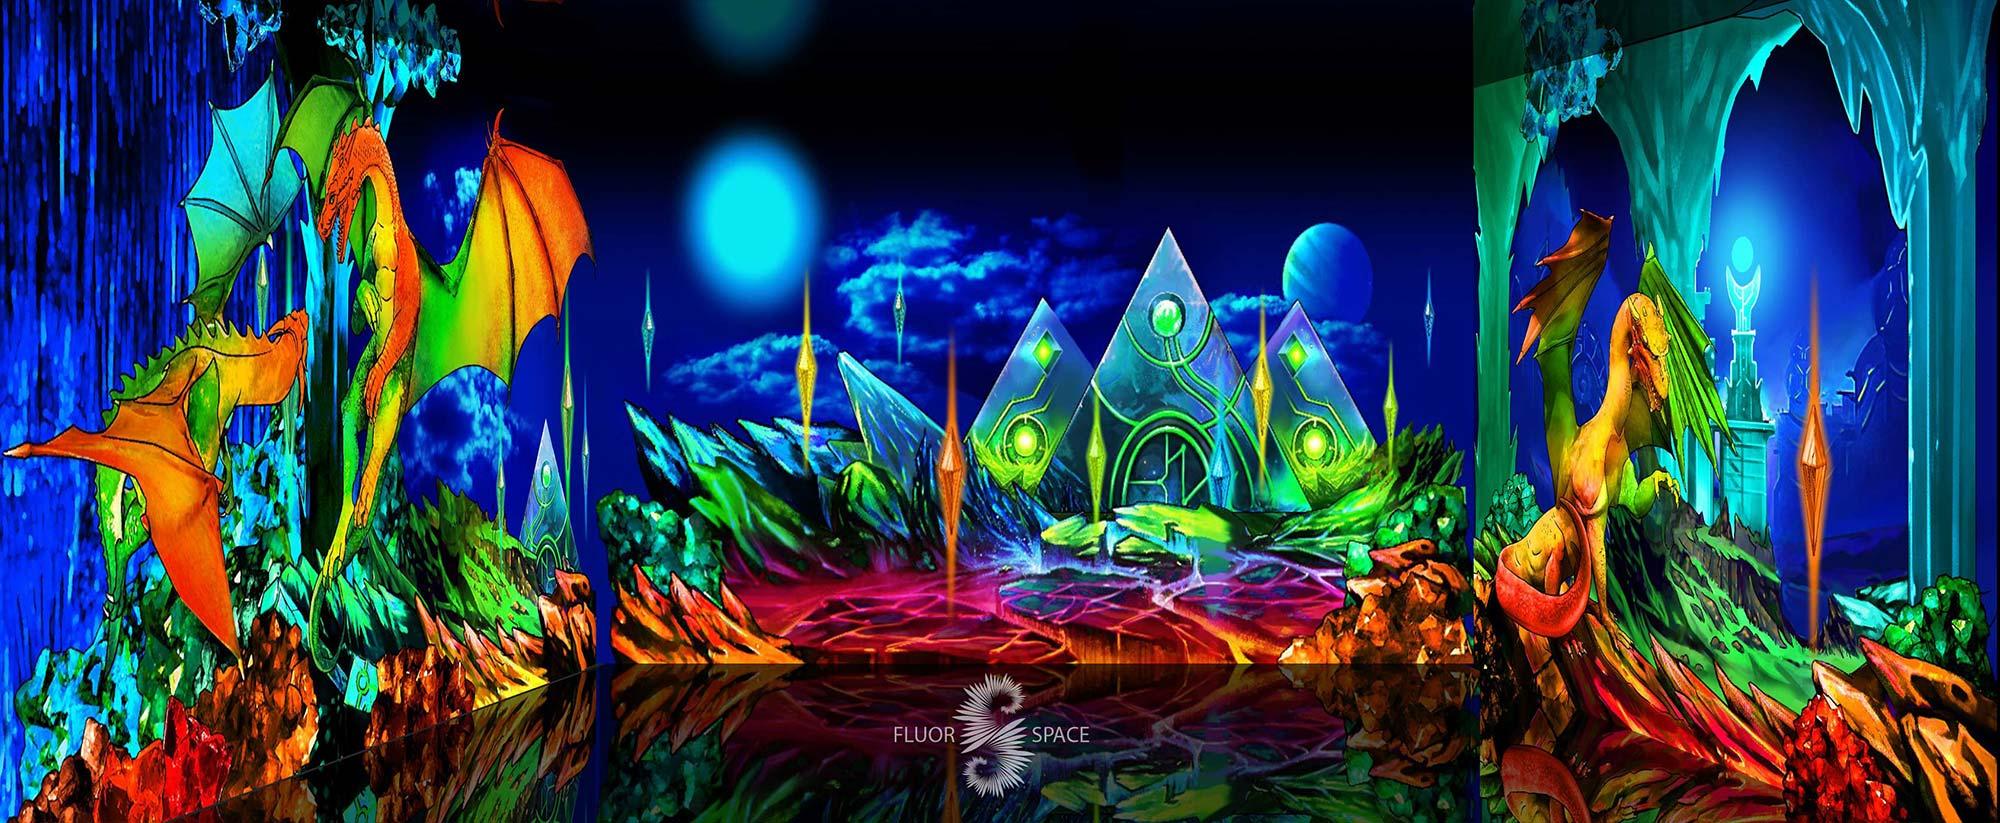 Подземелье драконов - флуоресцентные хроматические 3D декорации